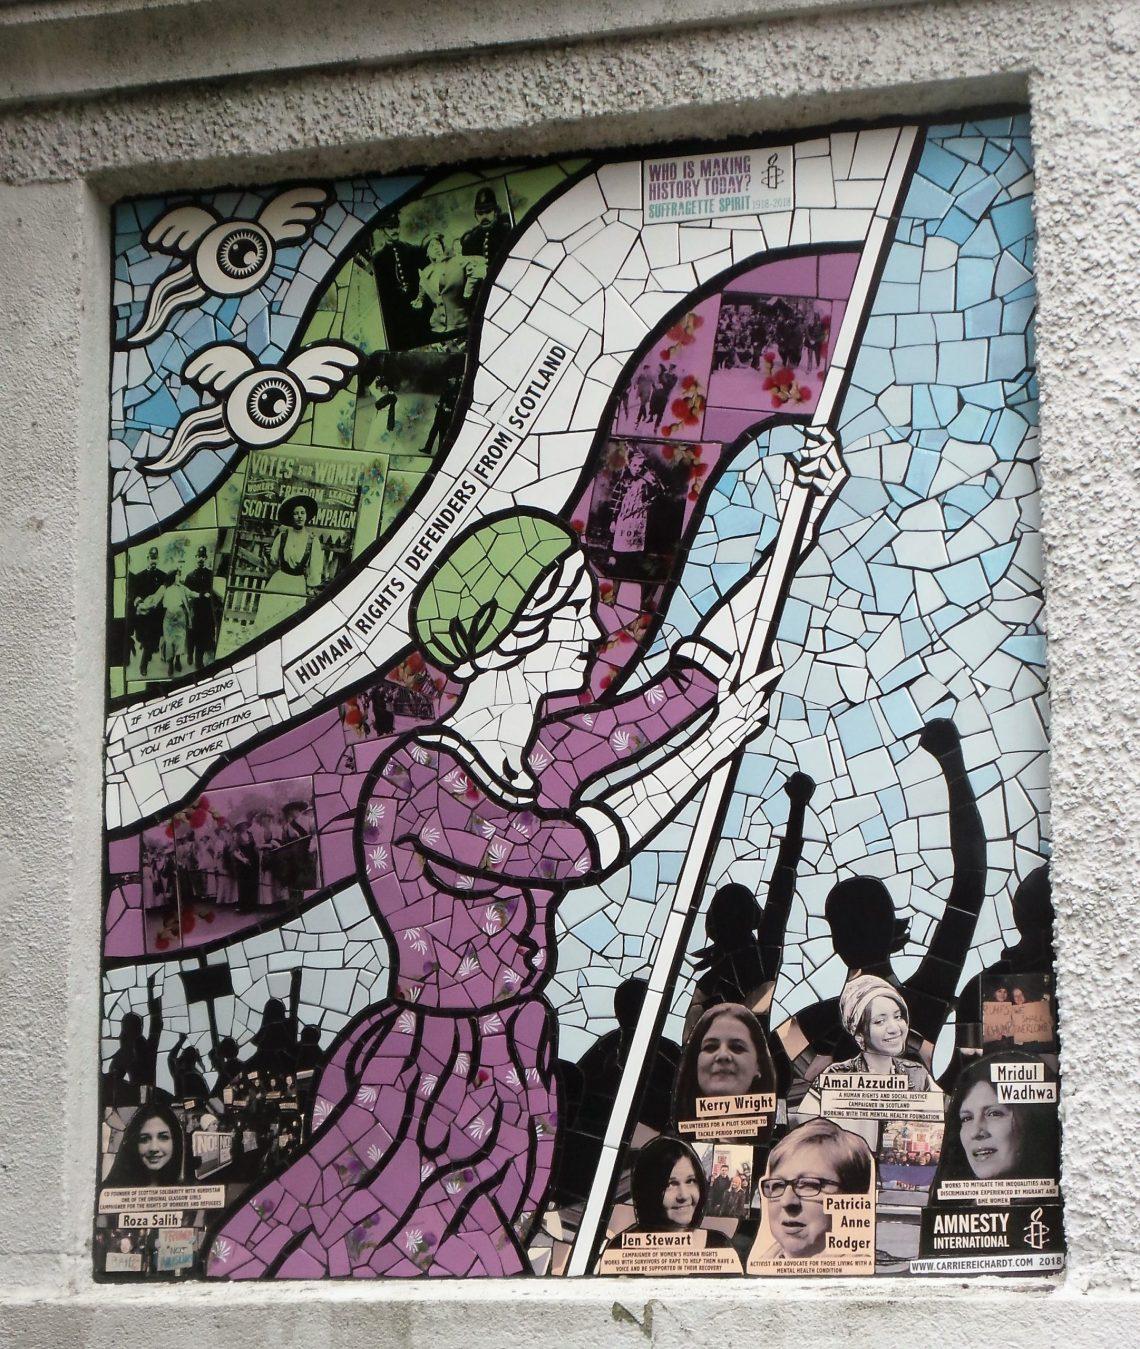 Suffragette Spirit mural by Carrie Reichardt in Aberdeen